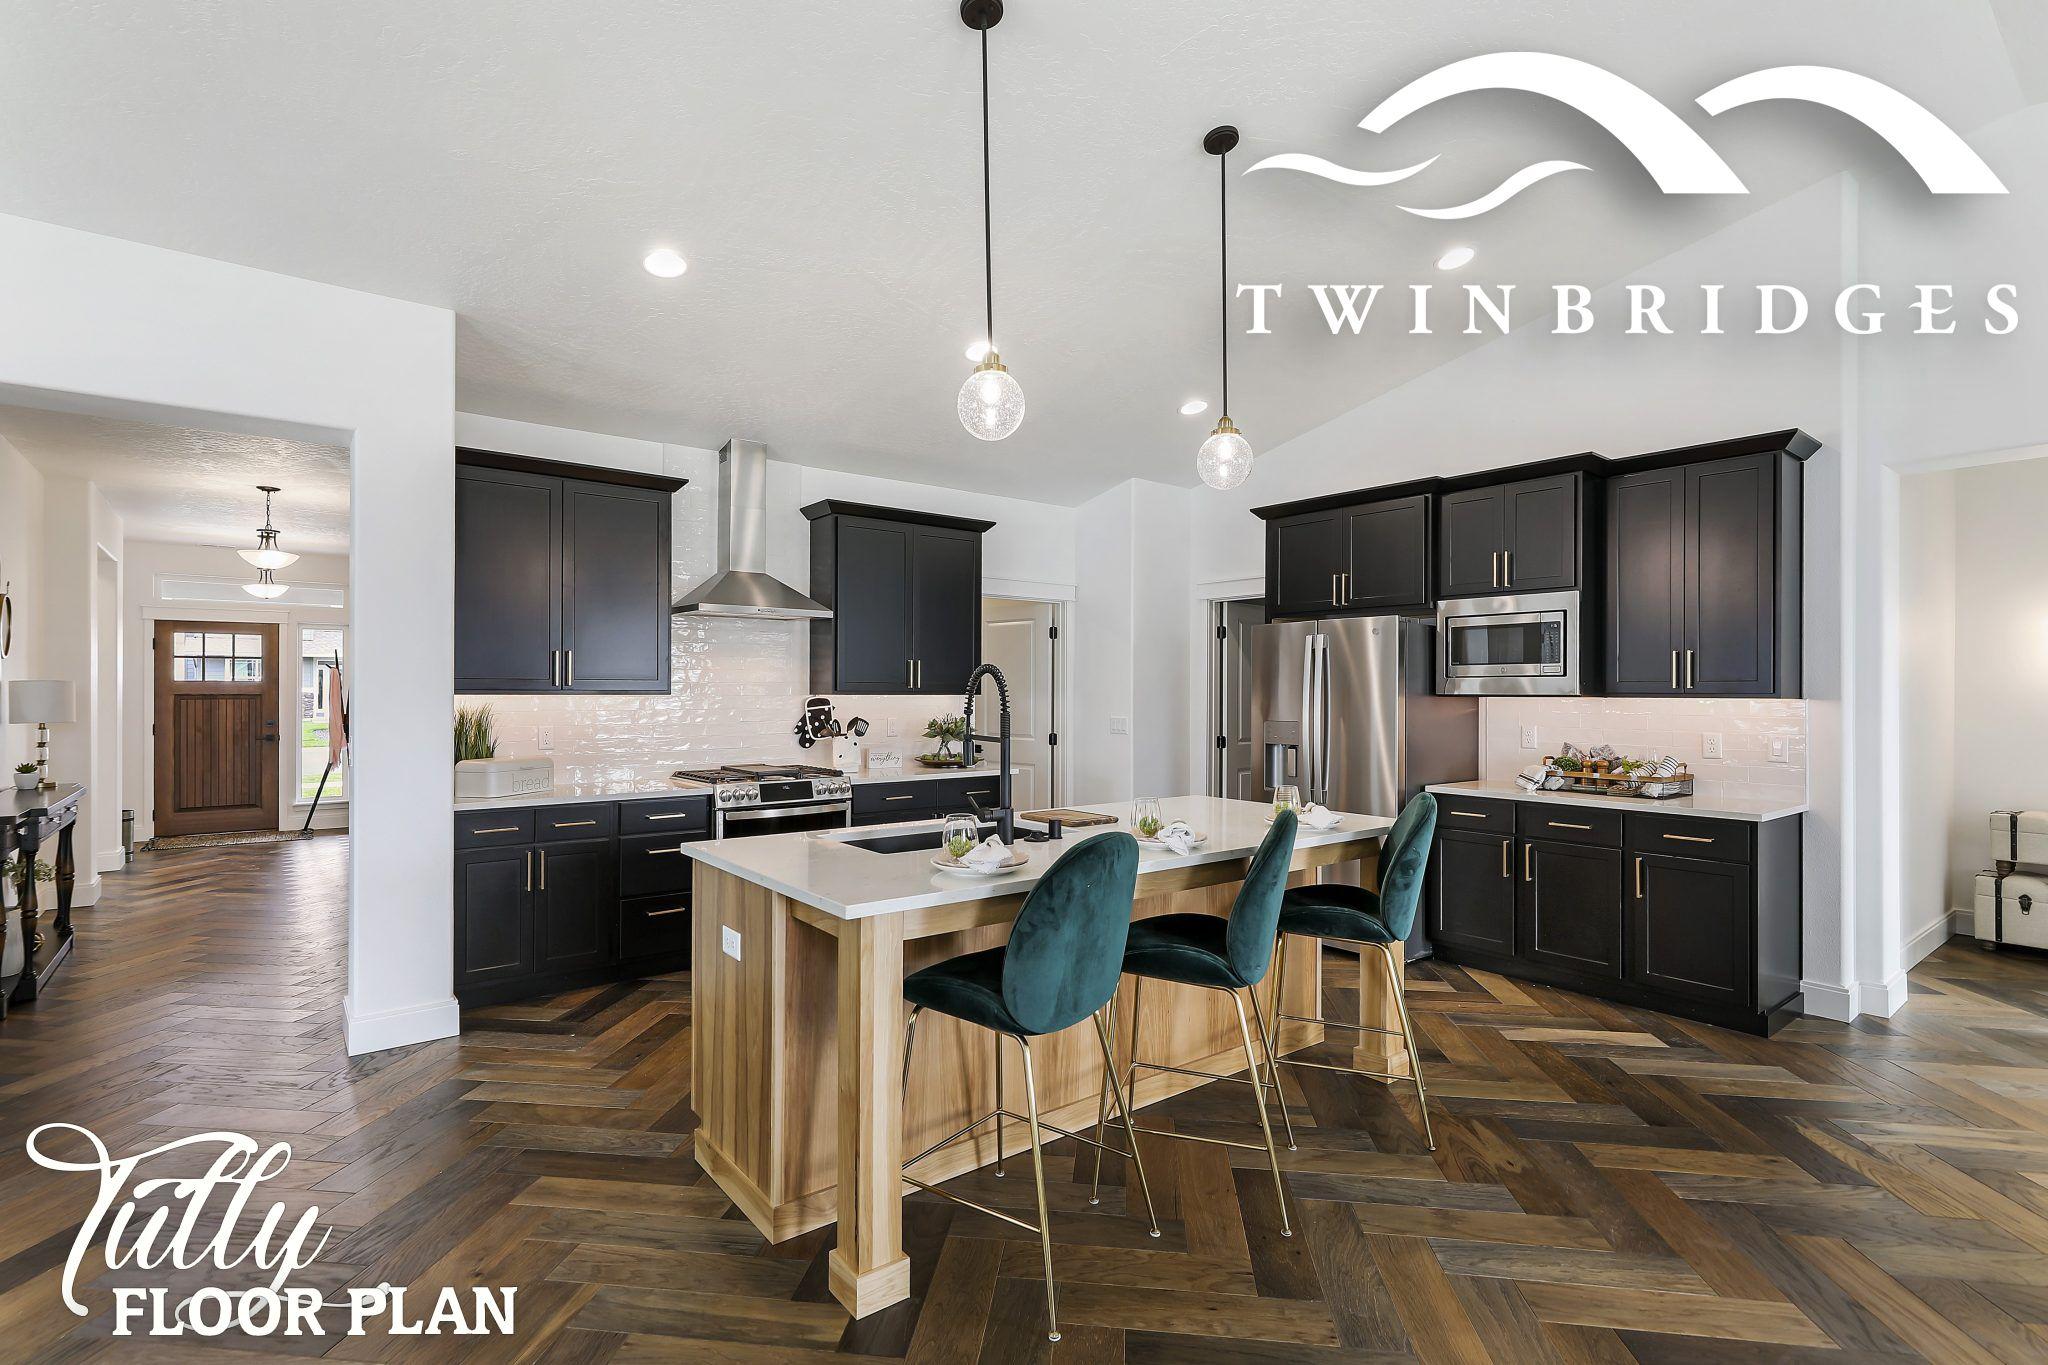 'Twin Bridges' by RYN Built Homes in Spokane-Couer d Alene